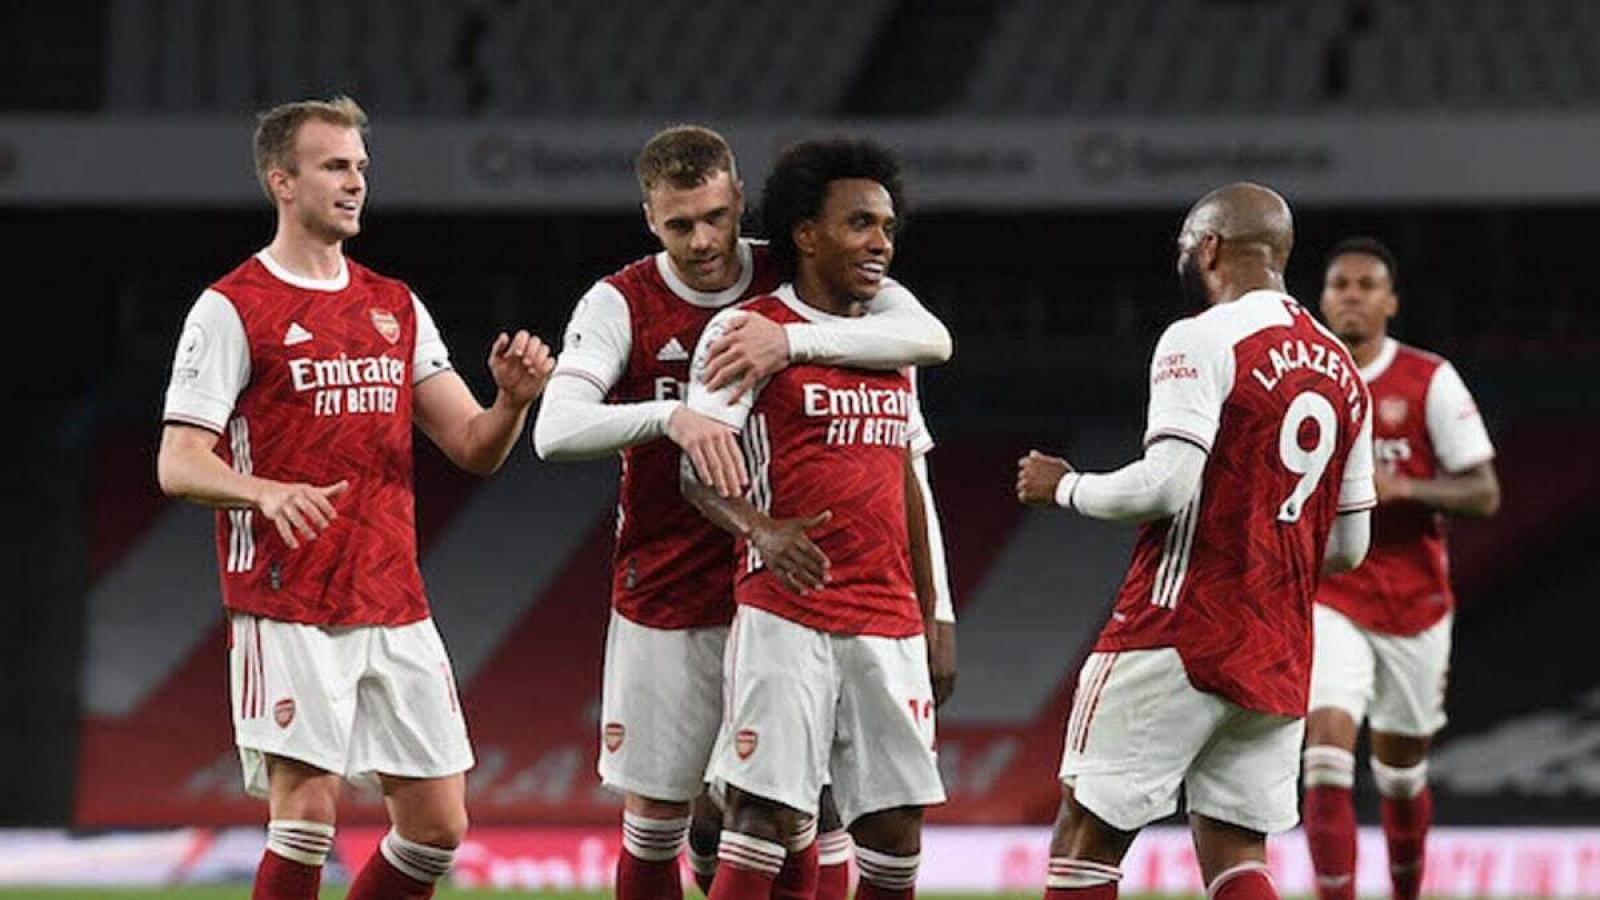 Thắng dễ West Brom, Arsenal tiếp tục hy vọng dự Cúp châu Âu